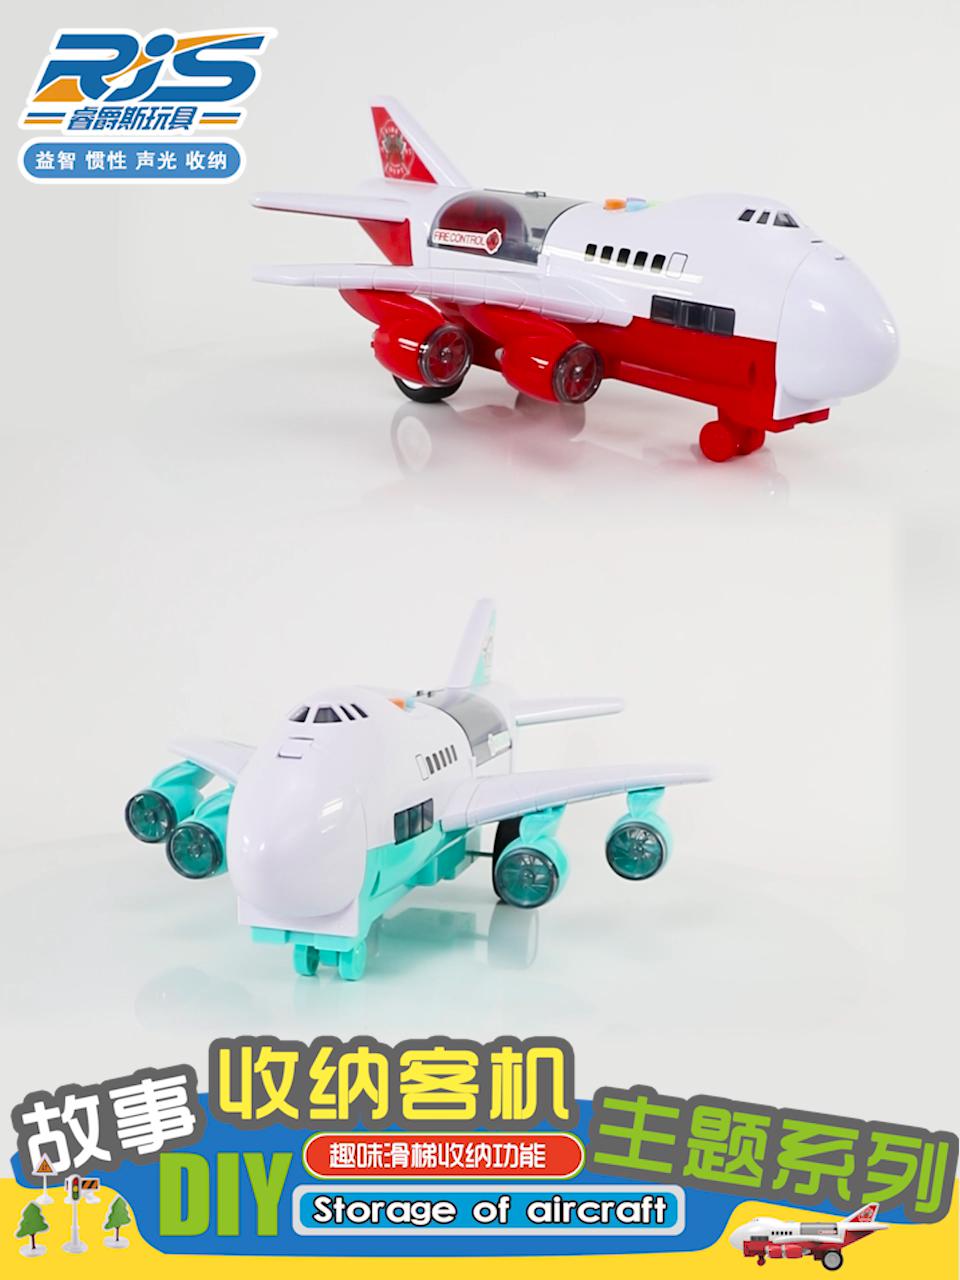 ขายส่งการ์ตูนเฉื่อยของเล่นดนตรีพลาสติก 4 รูปแบบแรงเสียดทานเก็บชุดเครื่องบินสำหรับเด็ก